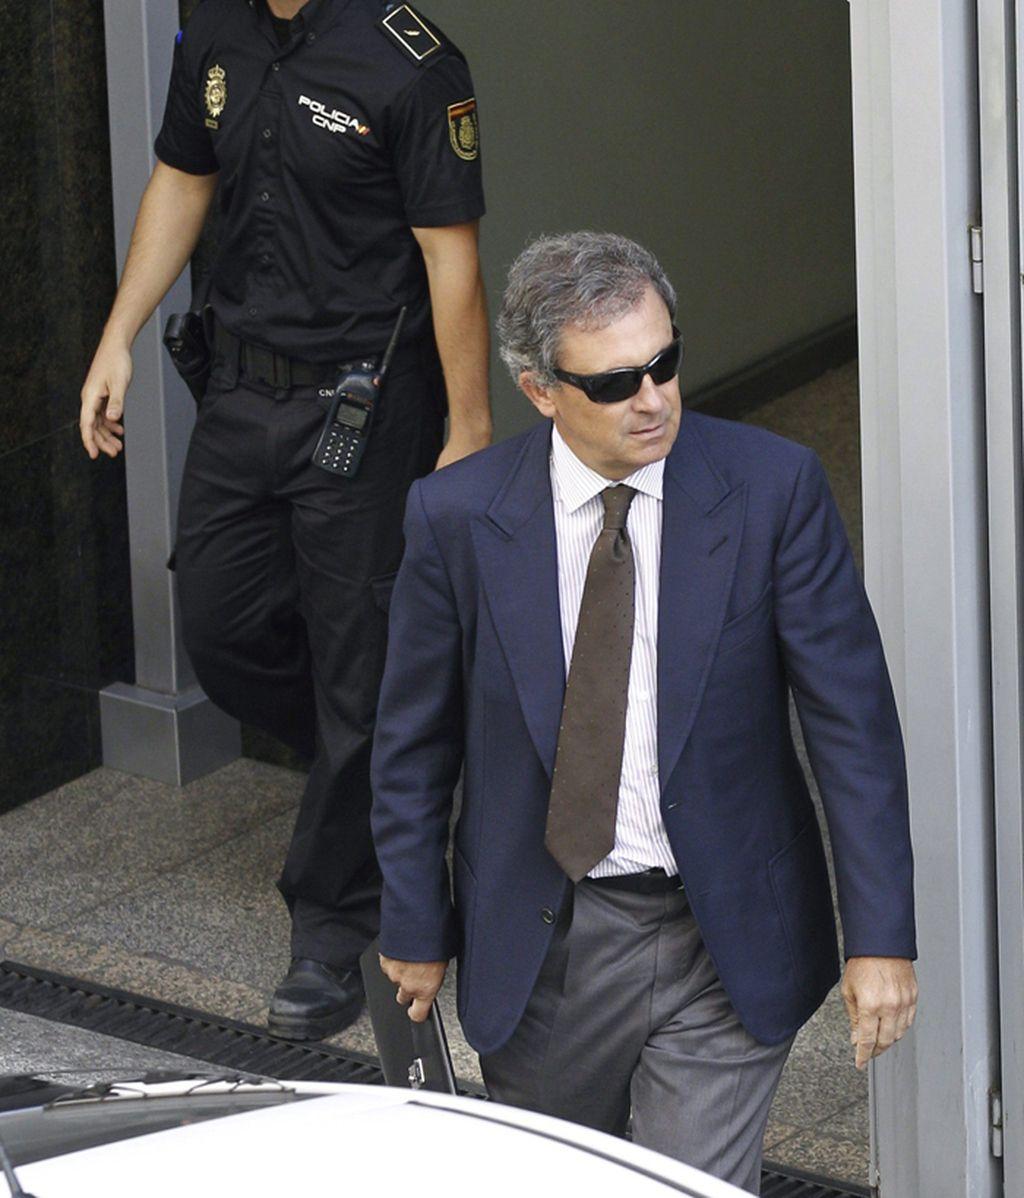 Jordi Pujol Ferrusola tendrá que declarar ante el juez el 26 de marzo